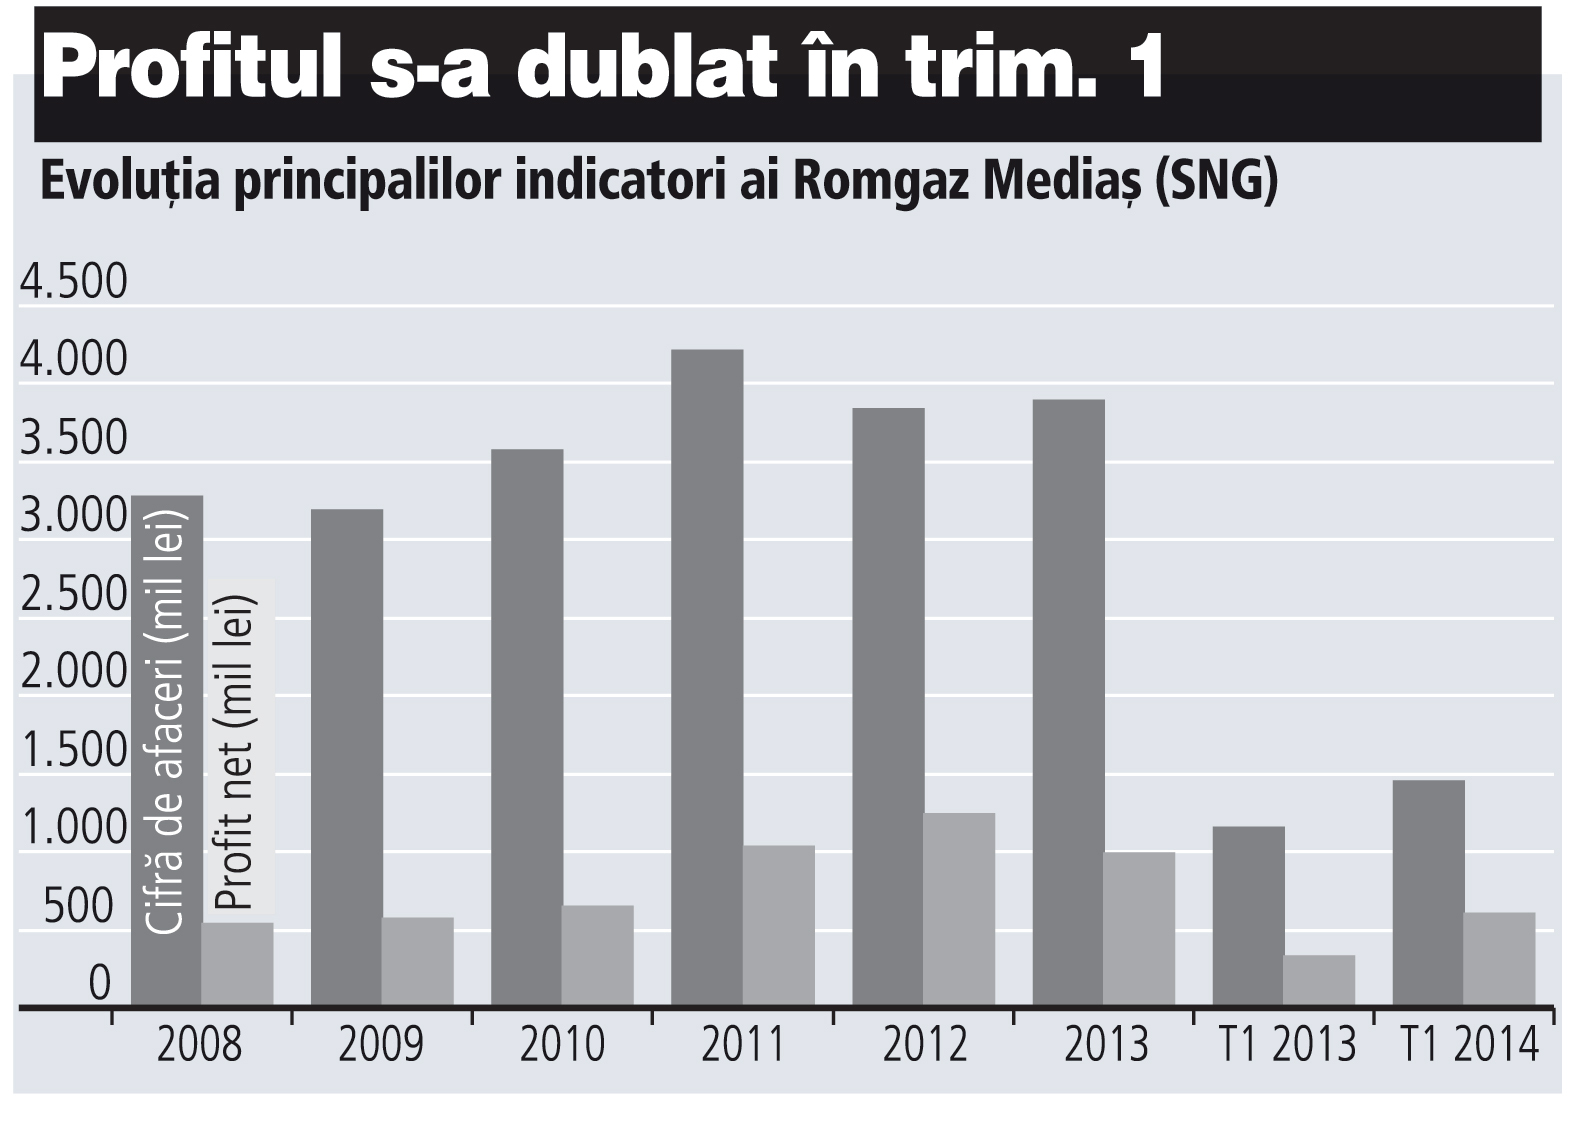 Evoluţia principalilor indicatori ai Romgaz Mediaş (2008-2013)